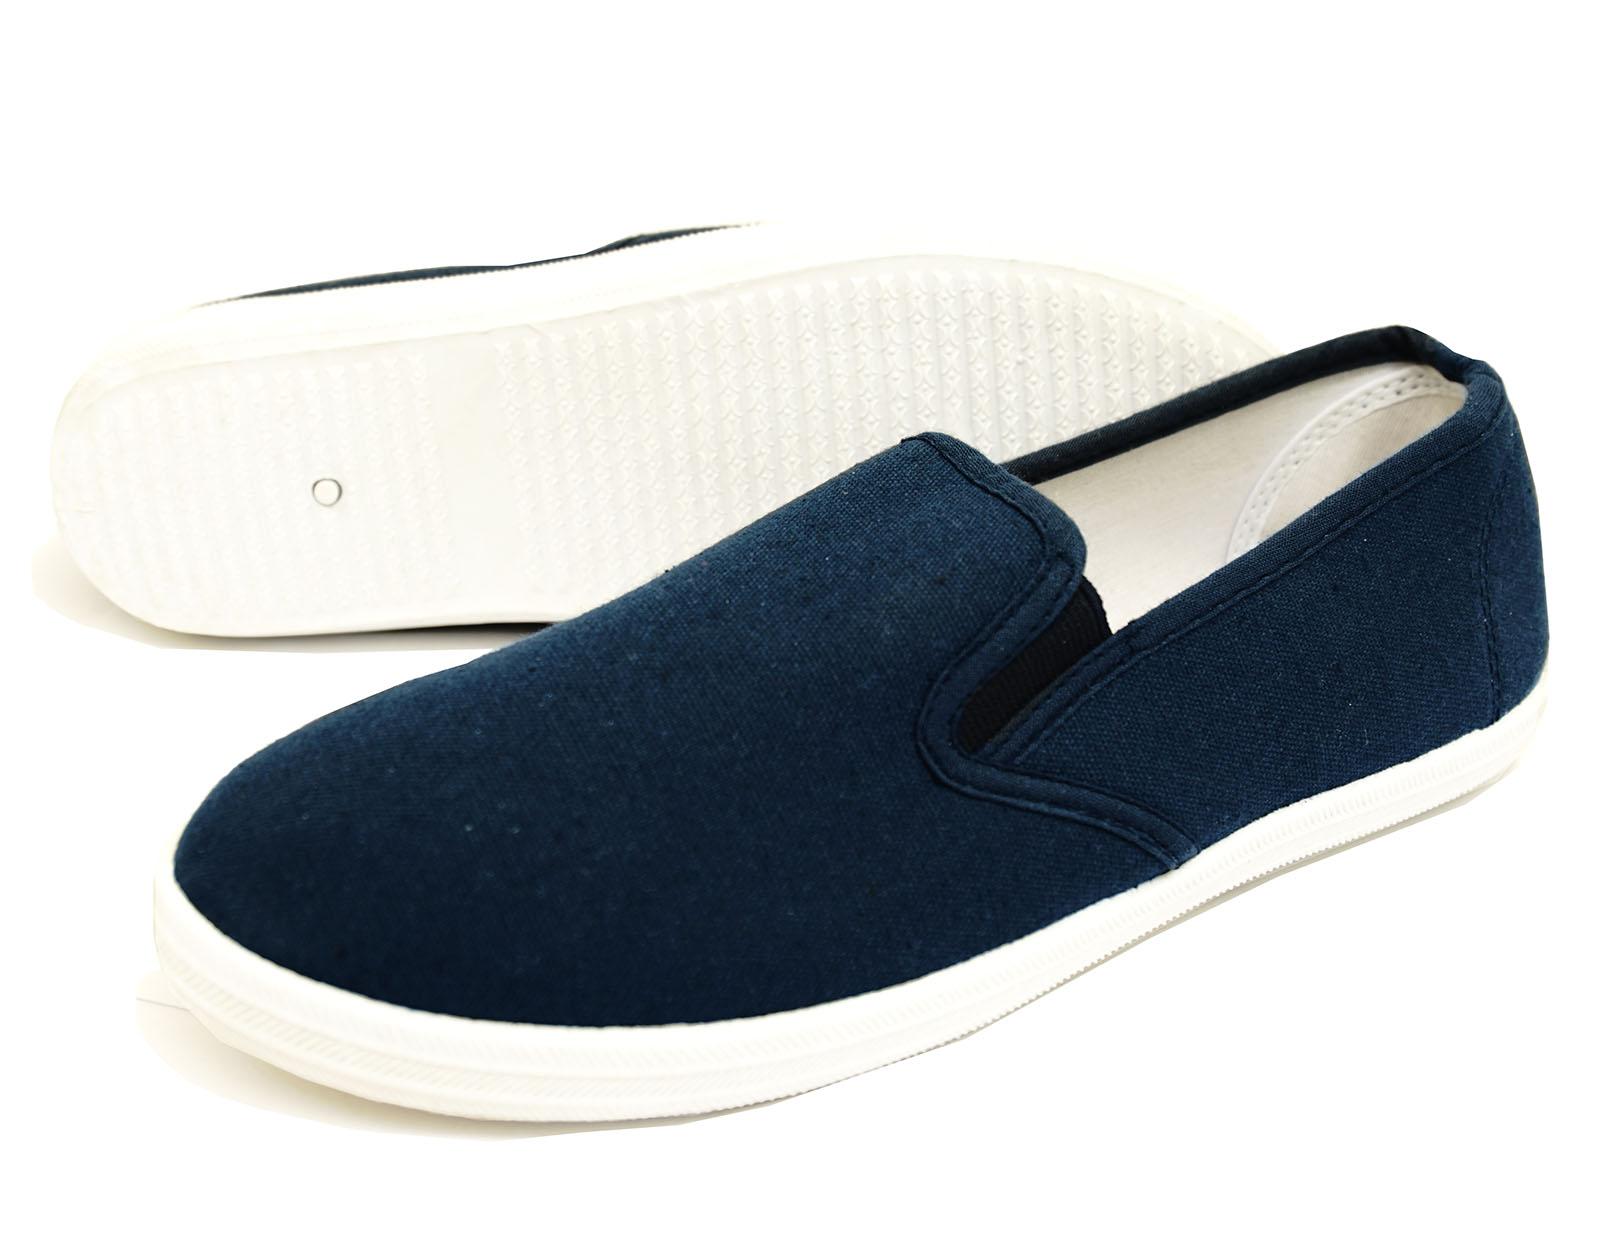 Señoras Azul Marino Lona Plano Sin Cordones Bombas Zapatos Alpargatas informales de flotación UK 3-8